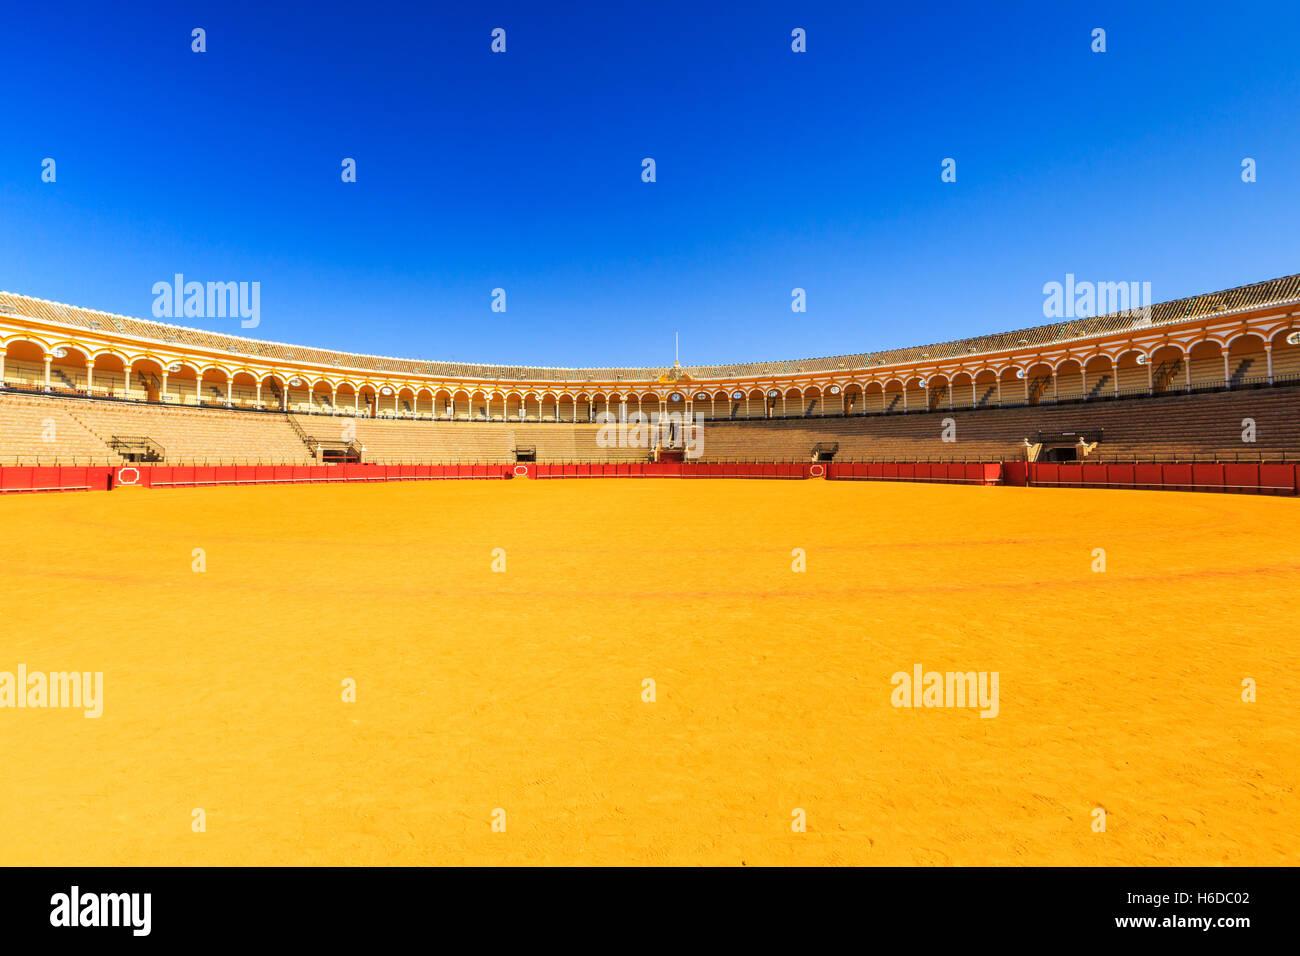 Sevilla, España. Plaza de Toros). Imagen De Stock